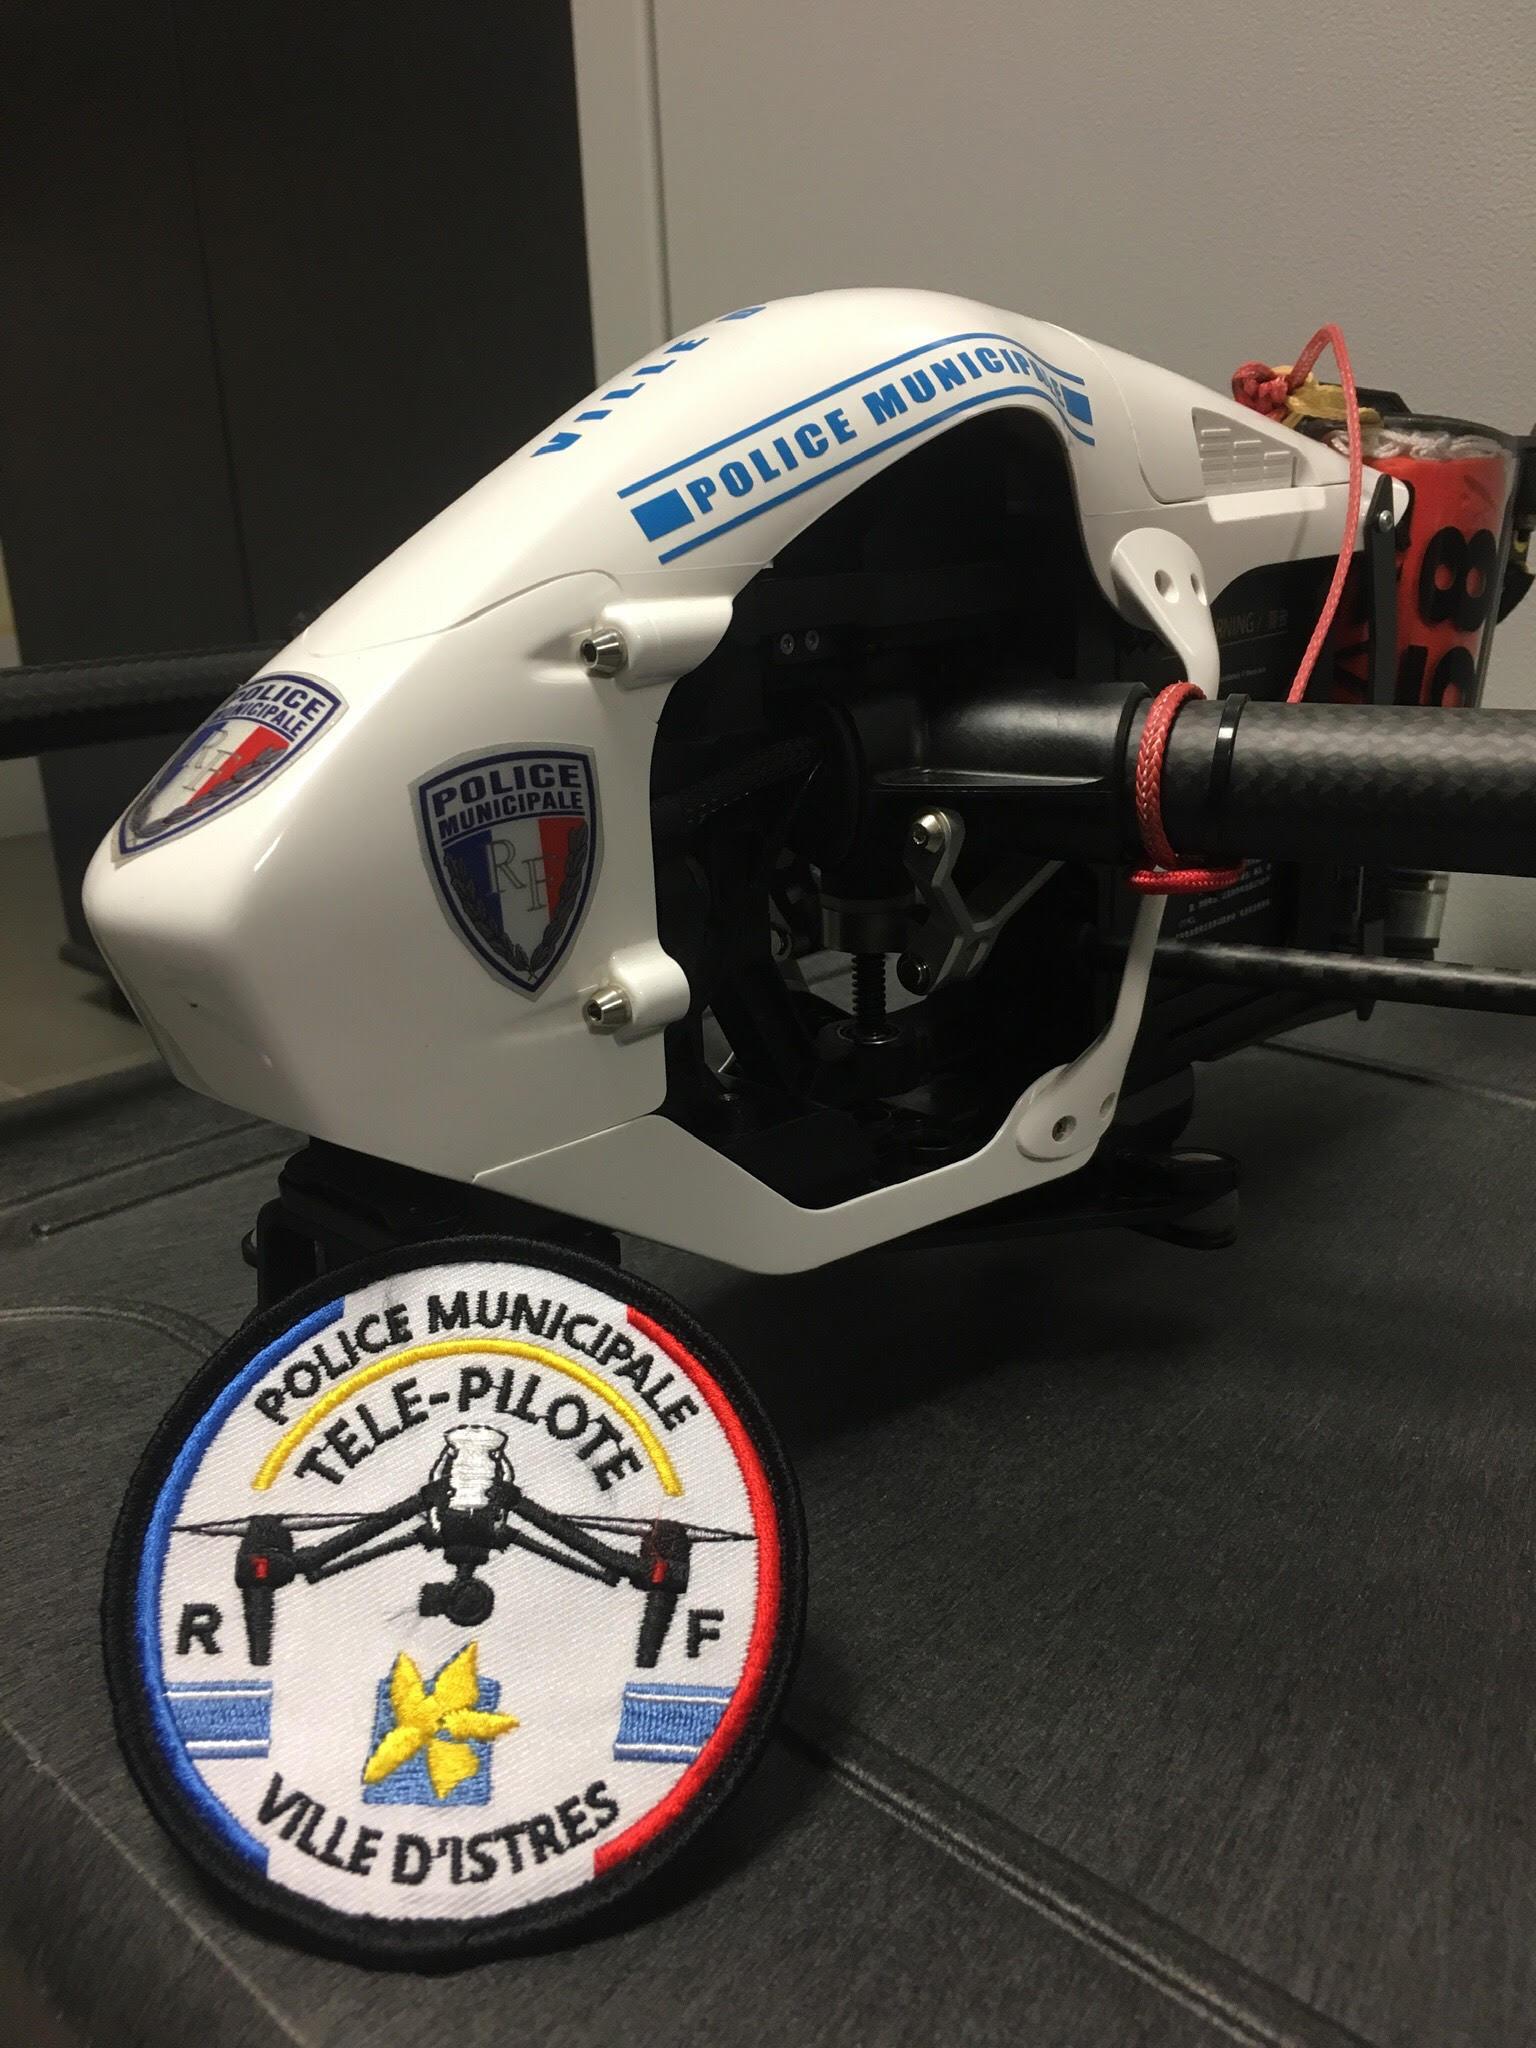 ÉCUSSON POLICE MUNICIPALE TÉLÉ-PILOTE ISTRES